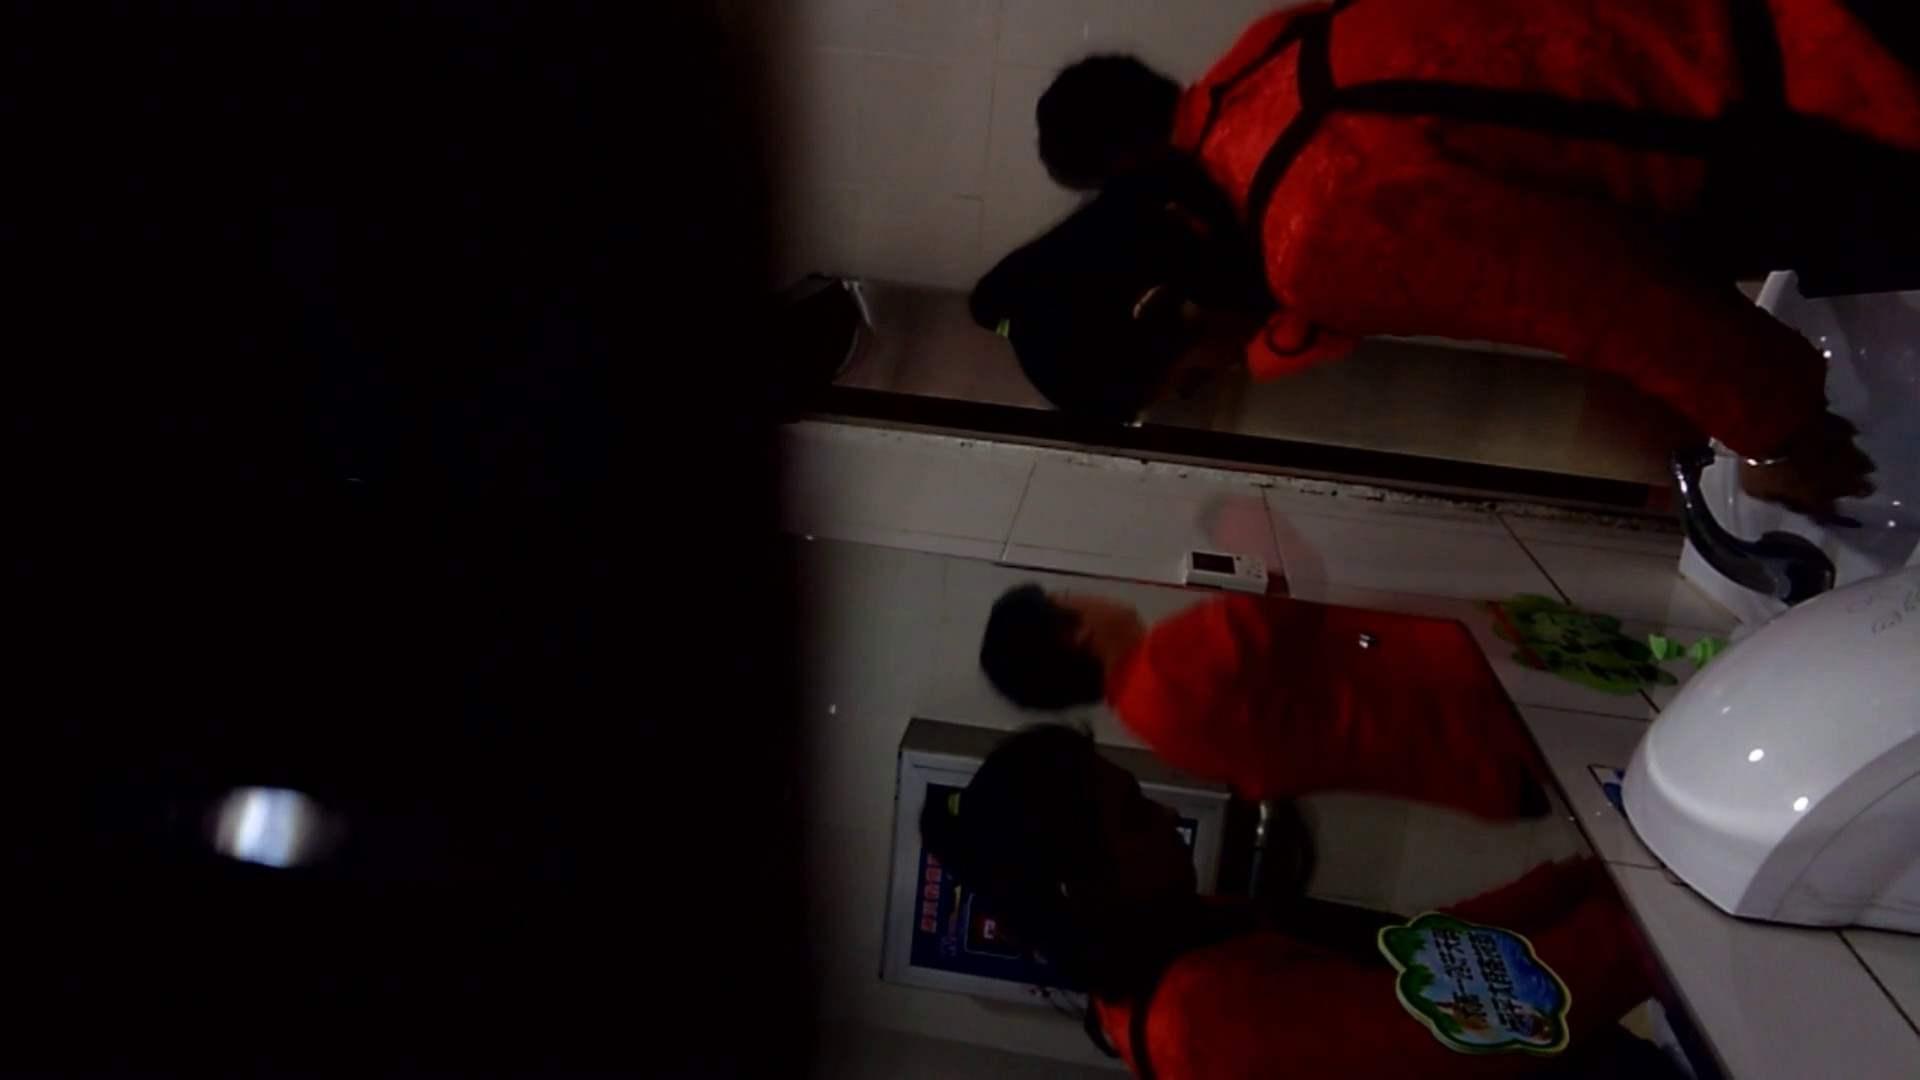 無修正エロ動画|芸術大学ガチ潜入盗撮 JD盗撮 美女の洗面所の秘密 Vol.105|怪盗ジョーカー